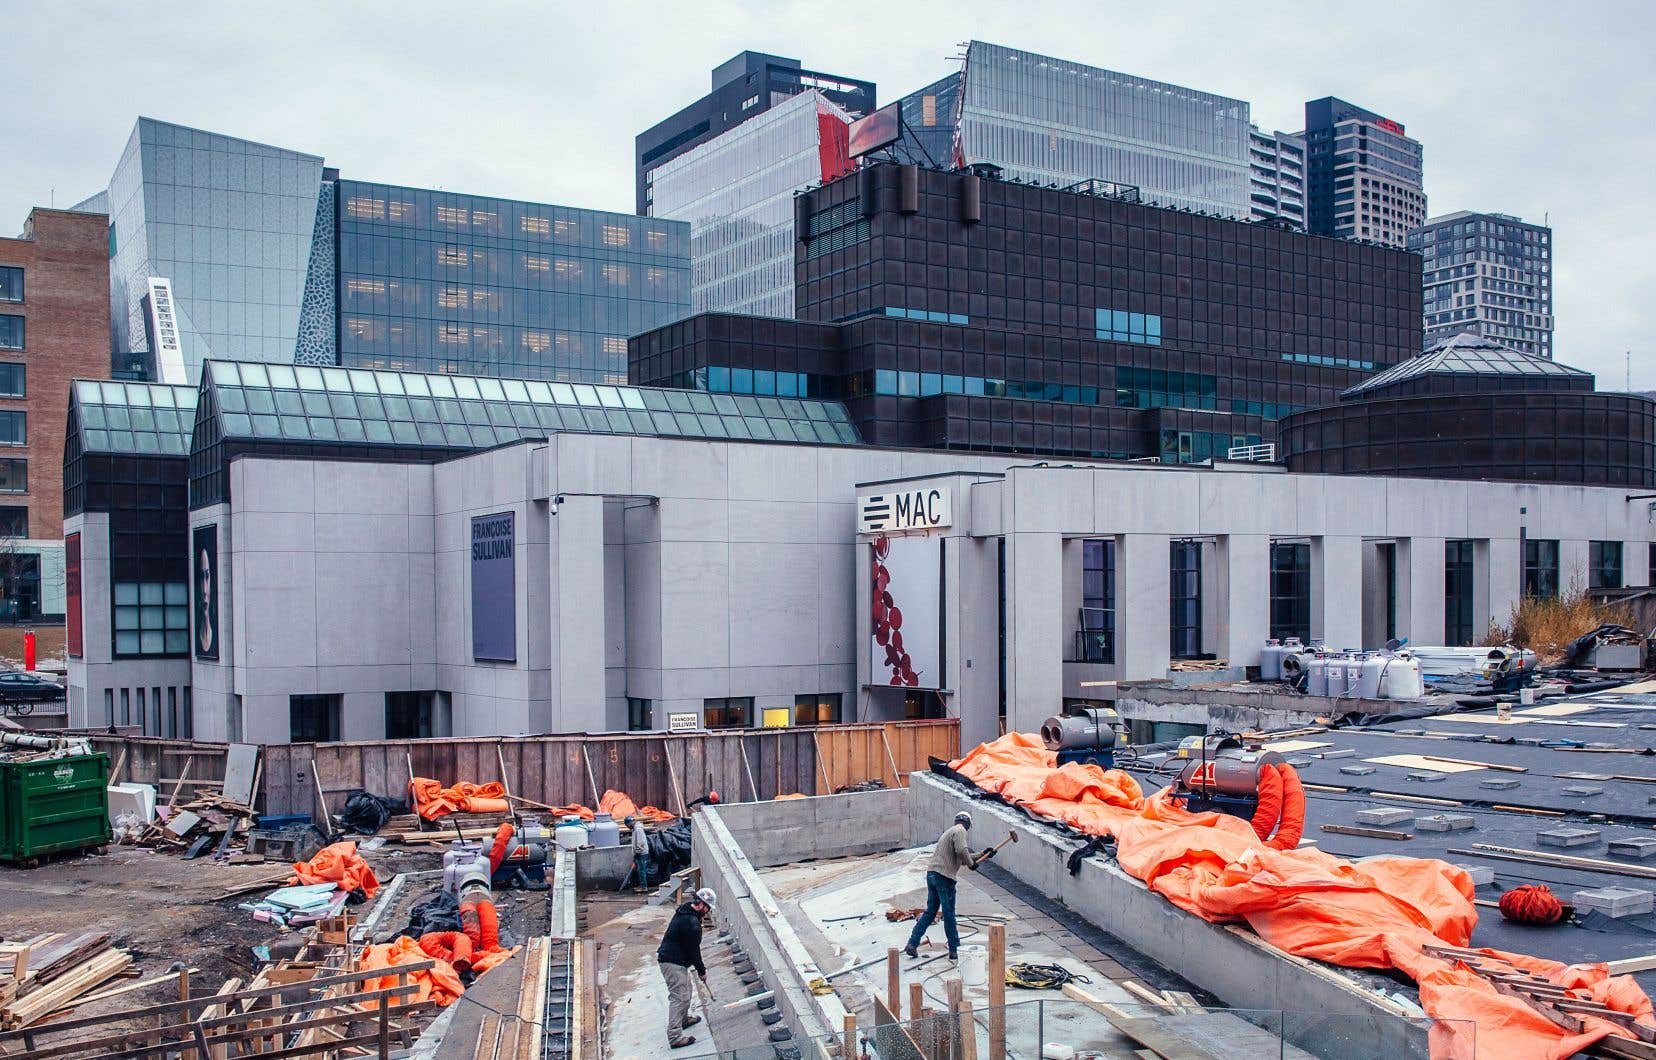 Le calendrier des étapes demeure pour le moment nébuleux, l'architecte Gilles Saucier admettant même ne pas «avoir reçu des délais précis» pour livrer ses plans.